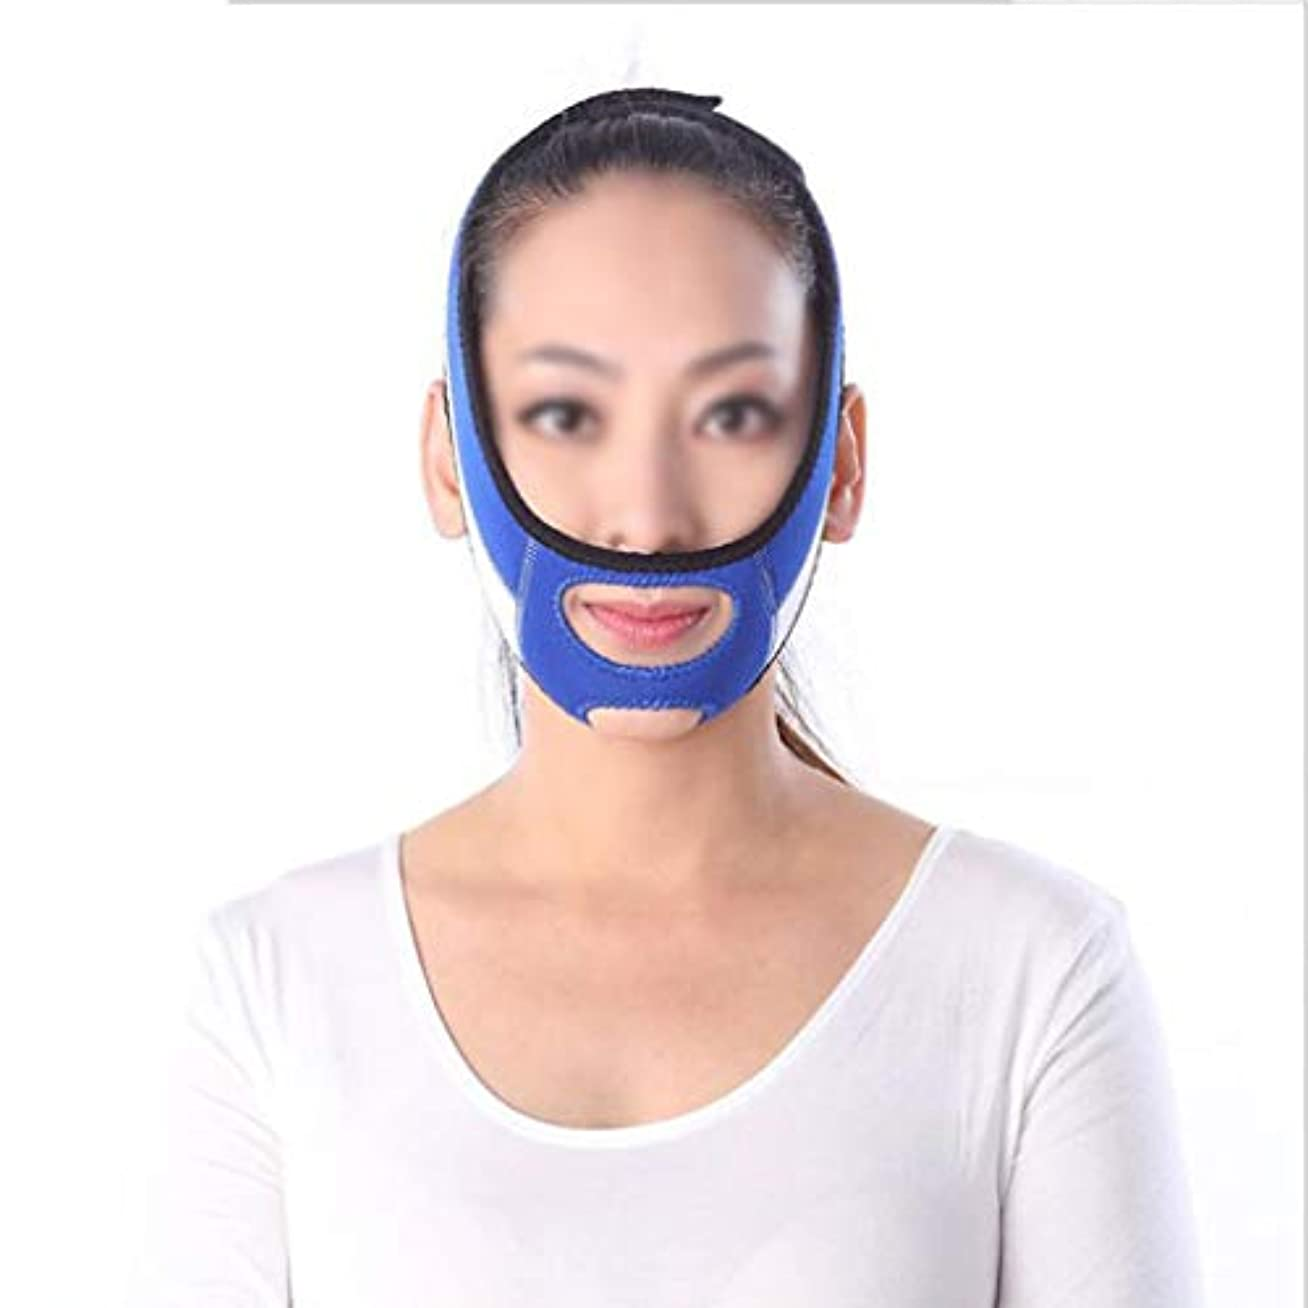 ブレーキ批判失効フェイスリフティングマスク、リフティングローパターン包帯ラインカービングリペアツールファーミングスキンスモールVフェイスバンド